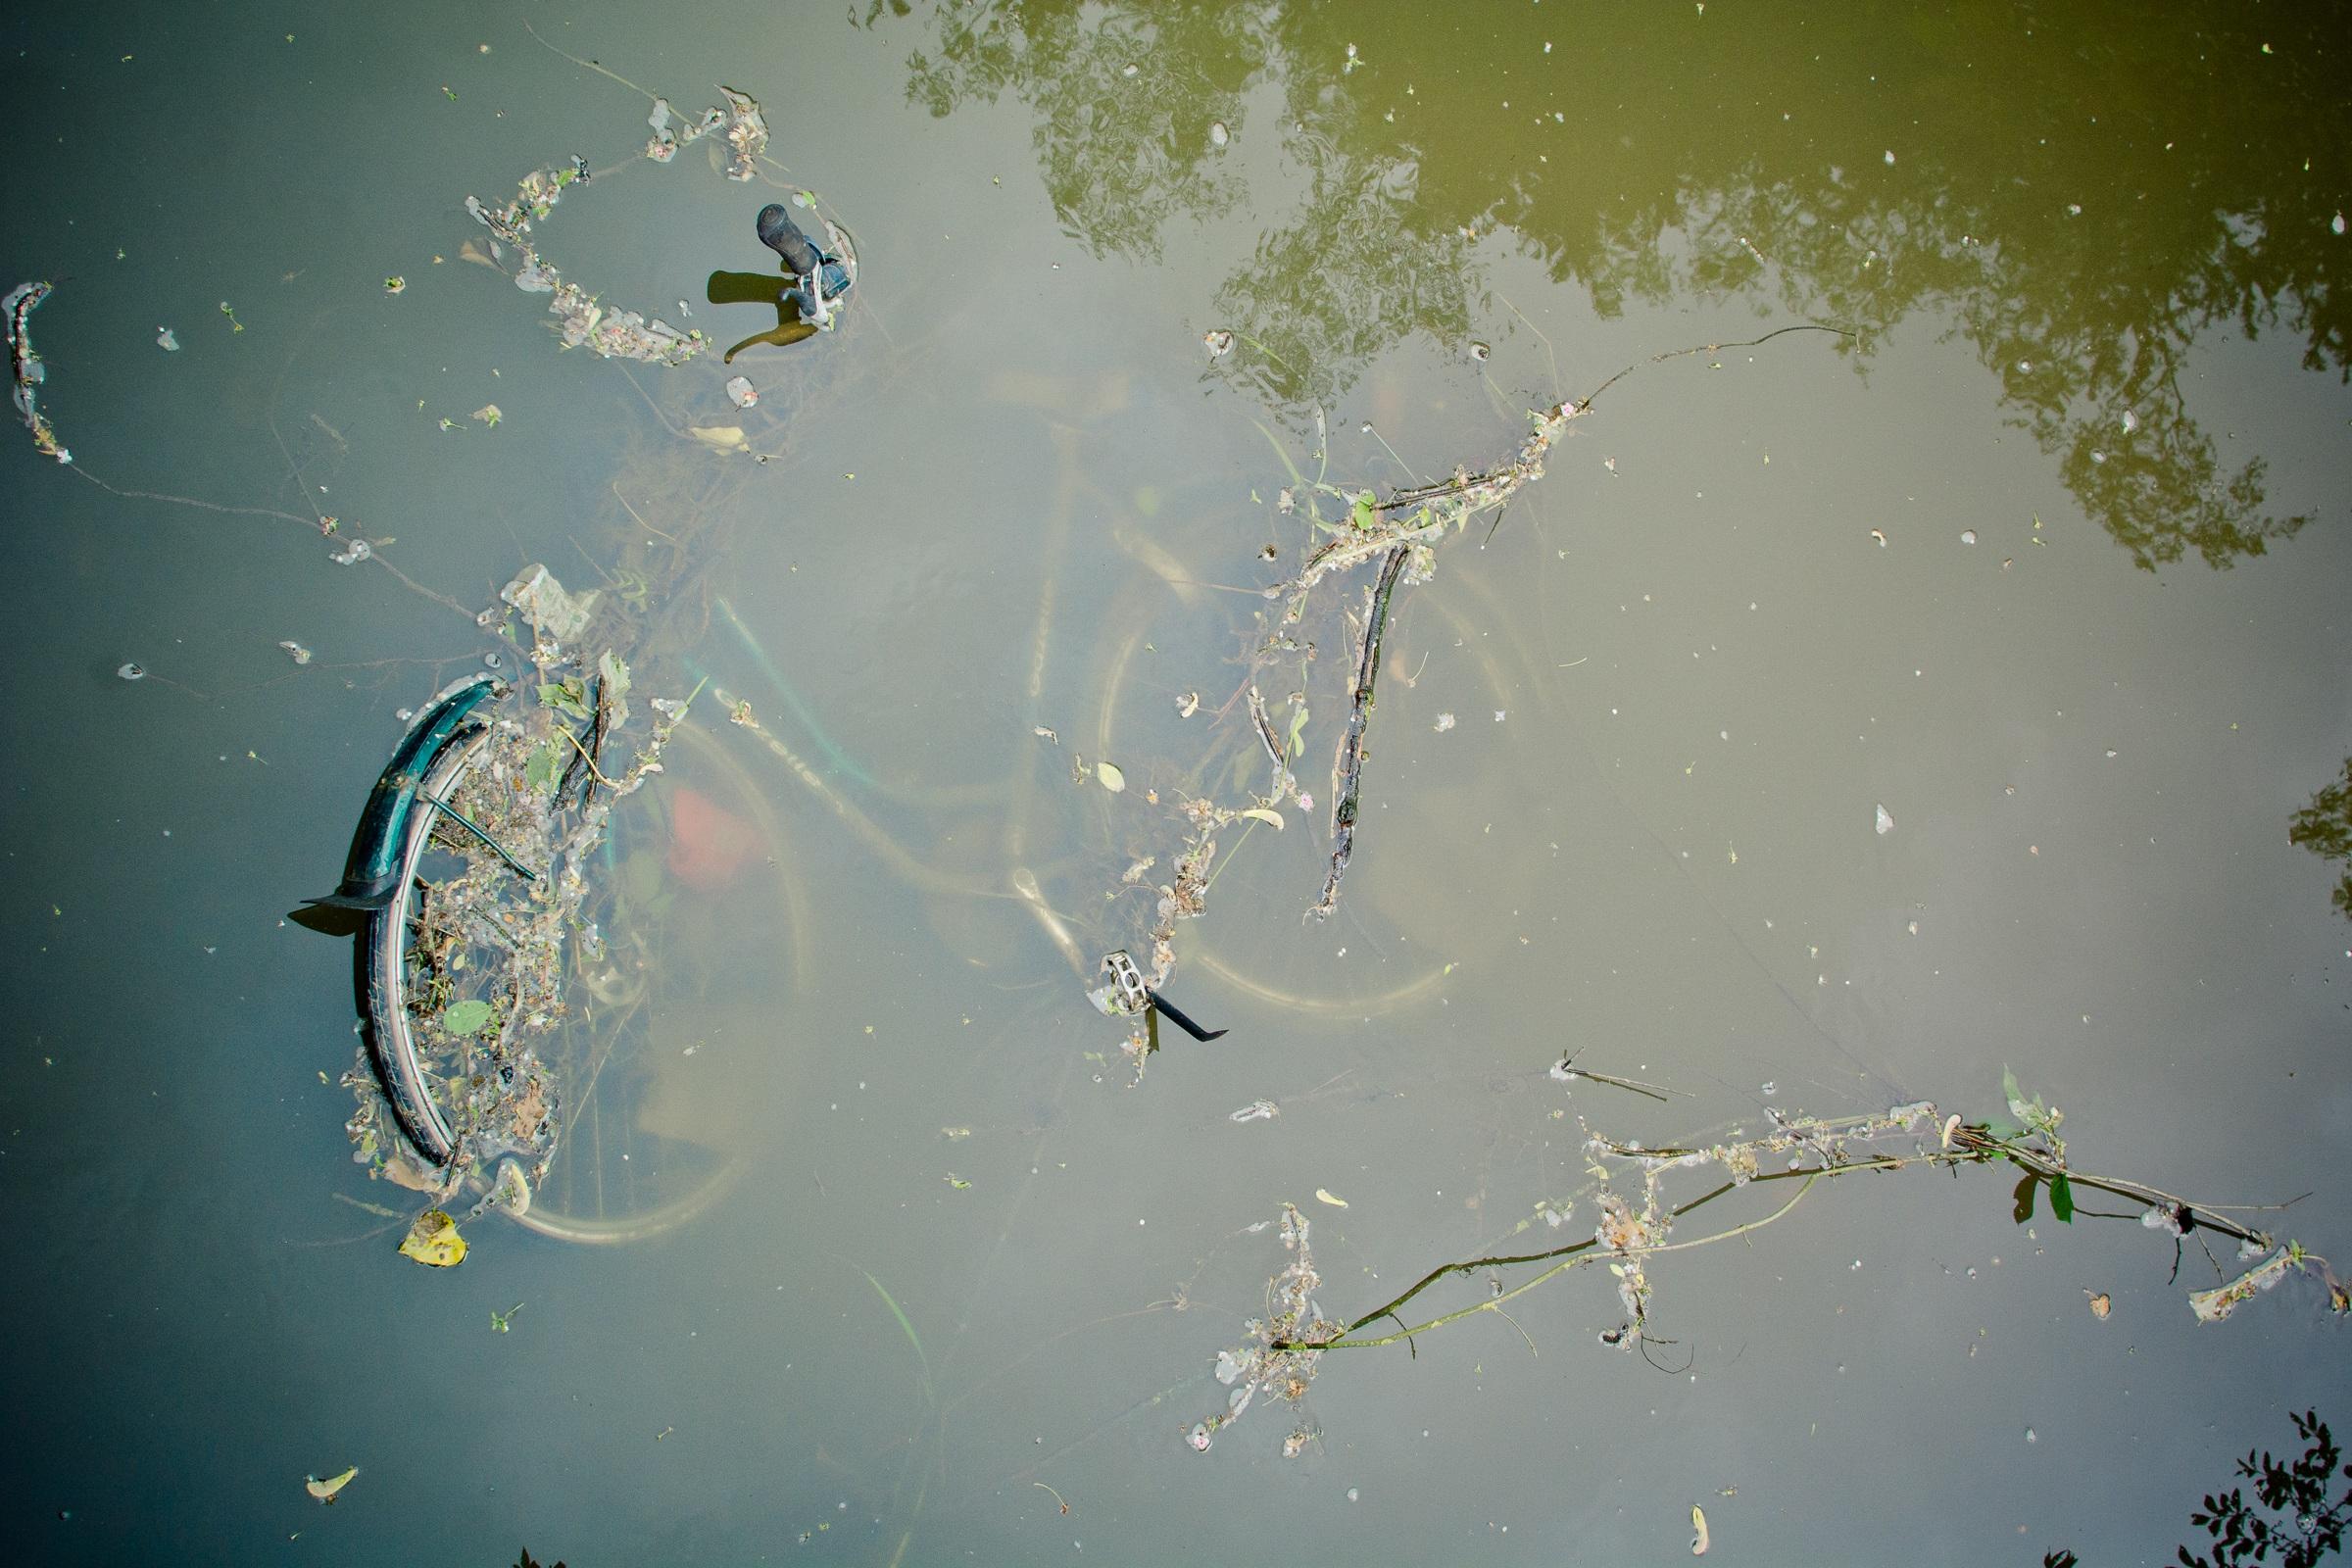 bike-1405209.jpg